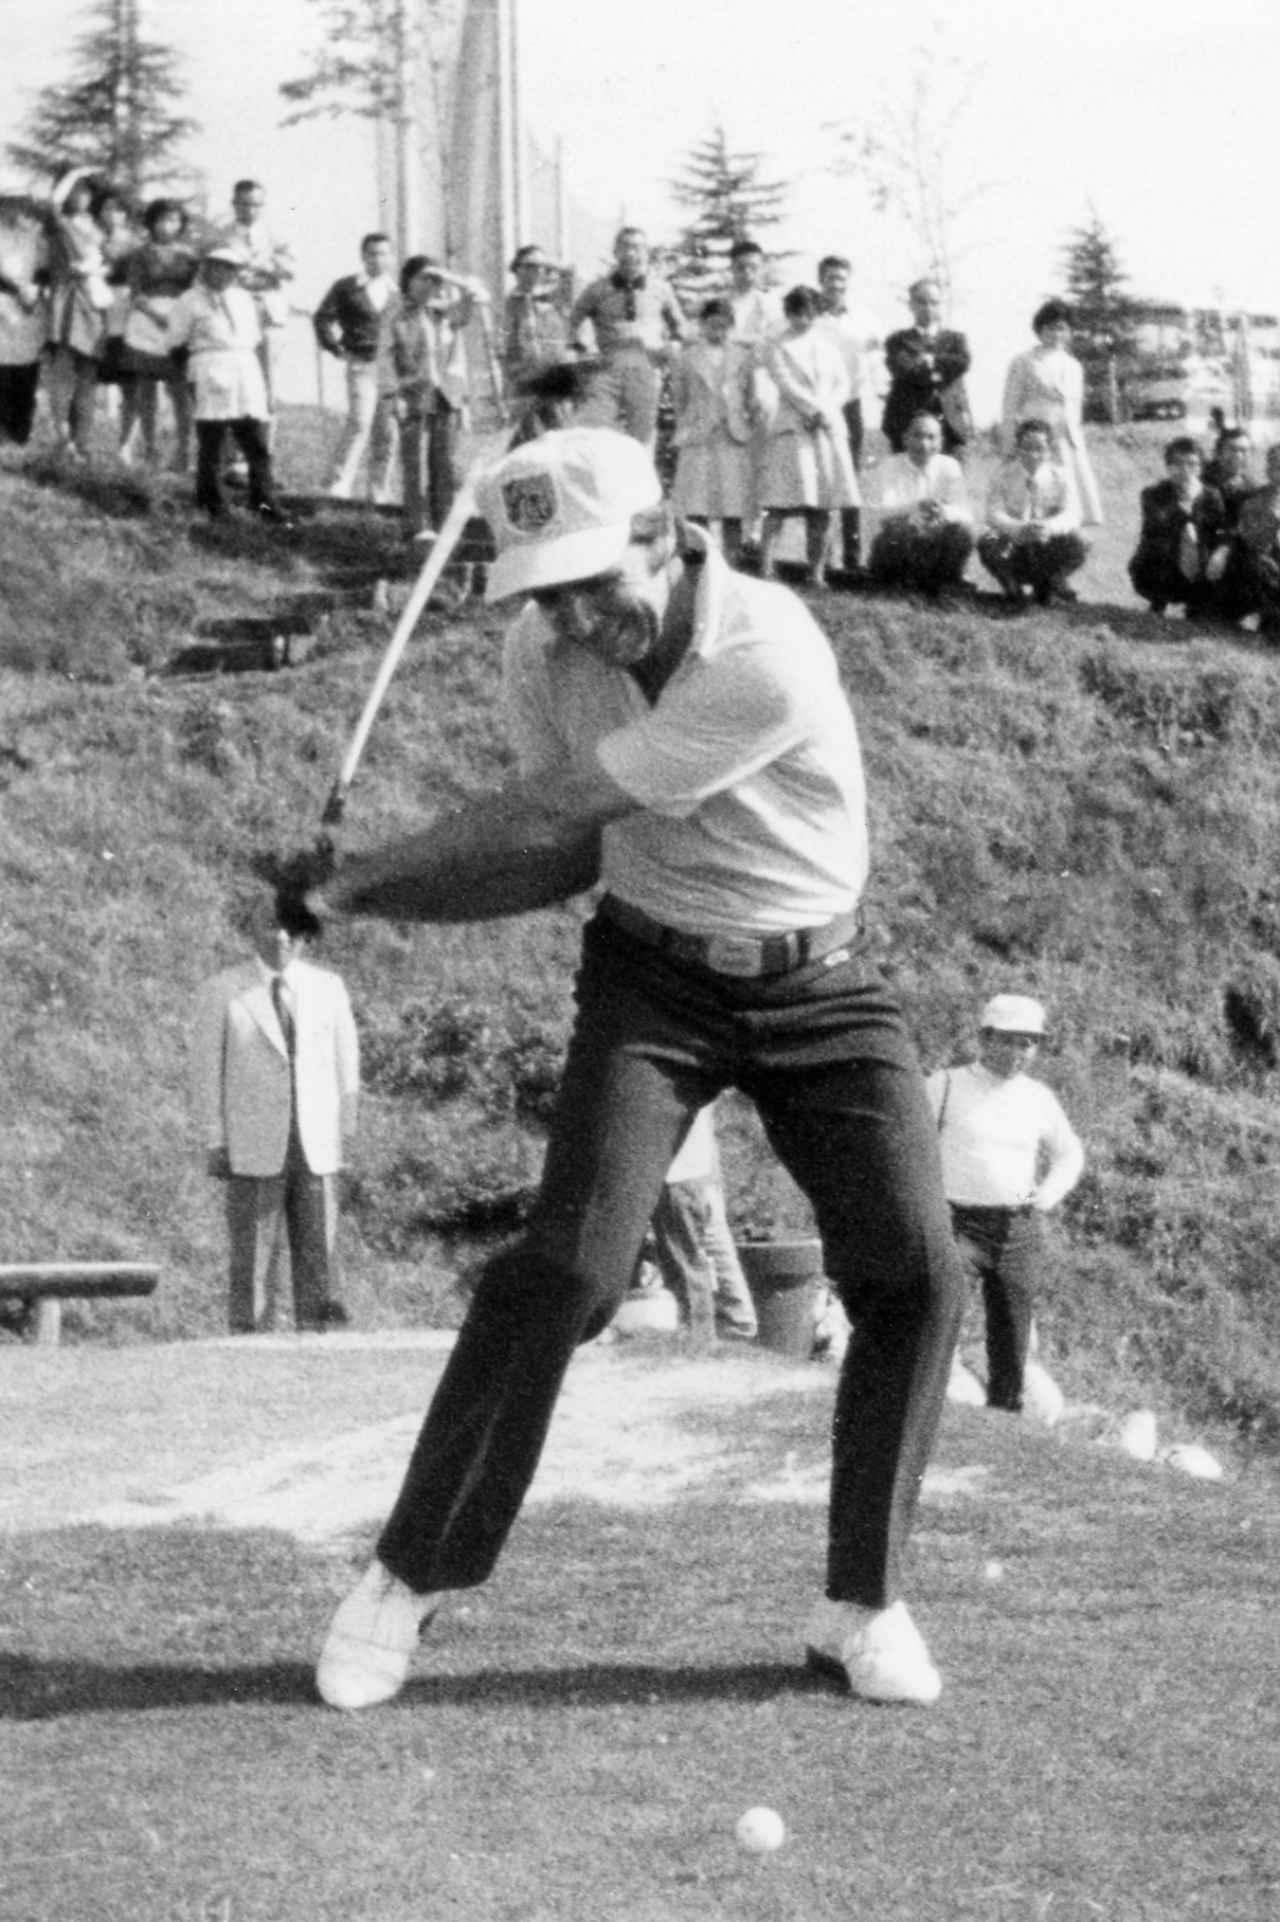 画像4: 【南アのゴルフ遺伝子Vol.2】ゲーリー・プレーヤーに学ぶこと